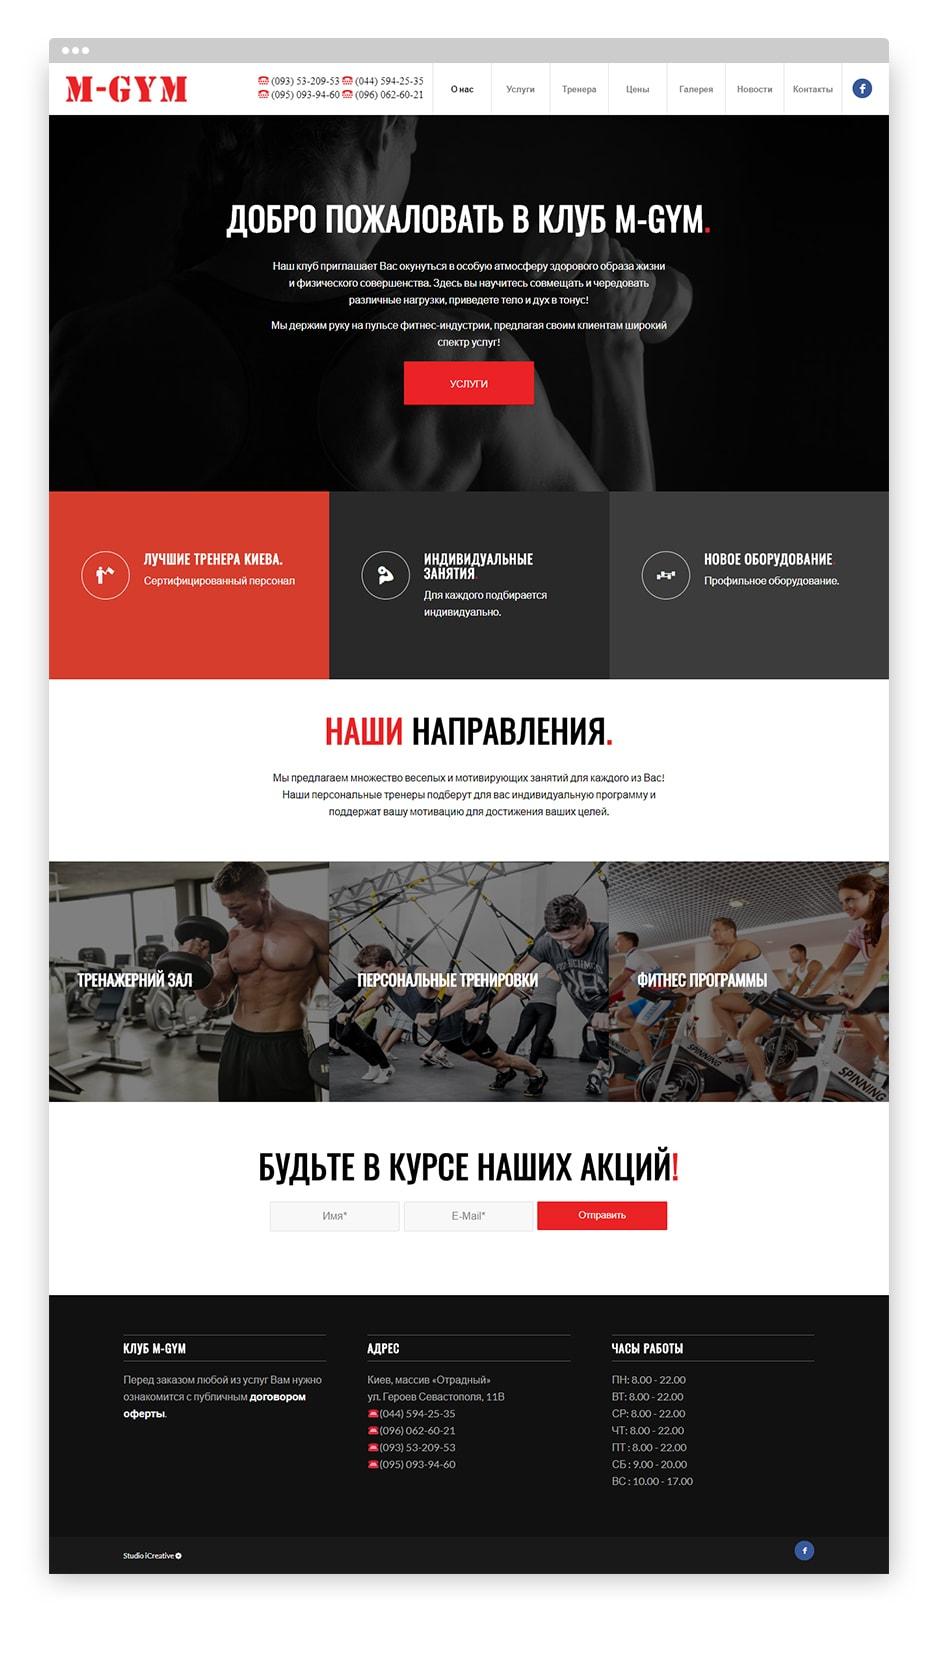 icreative.com.ua_m_gym_1